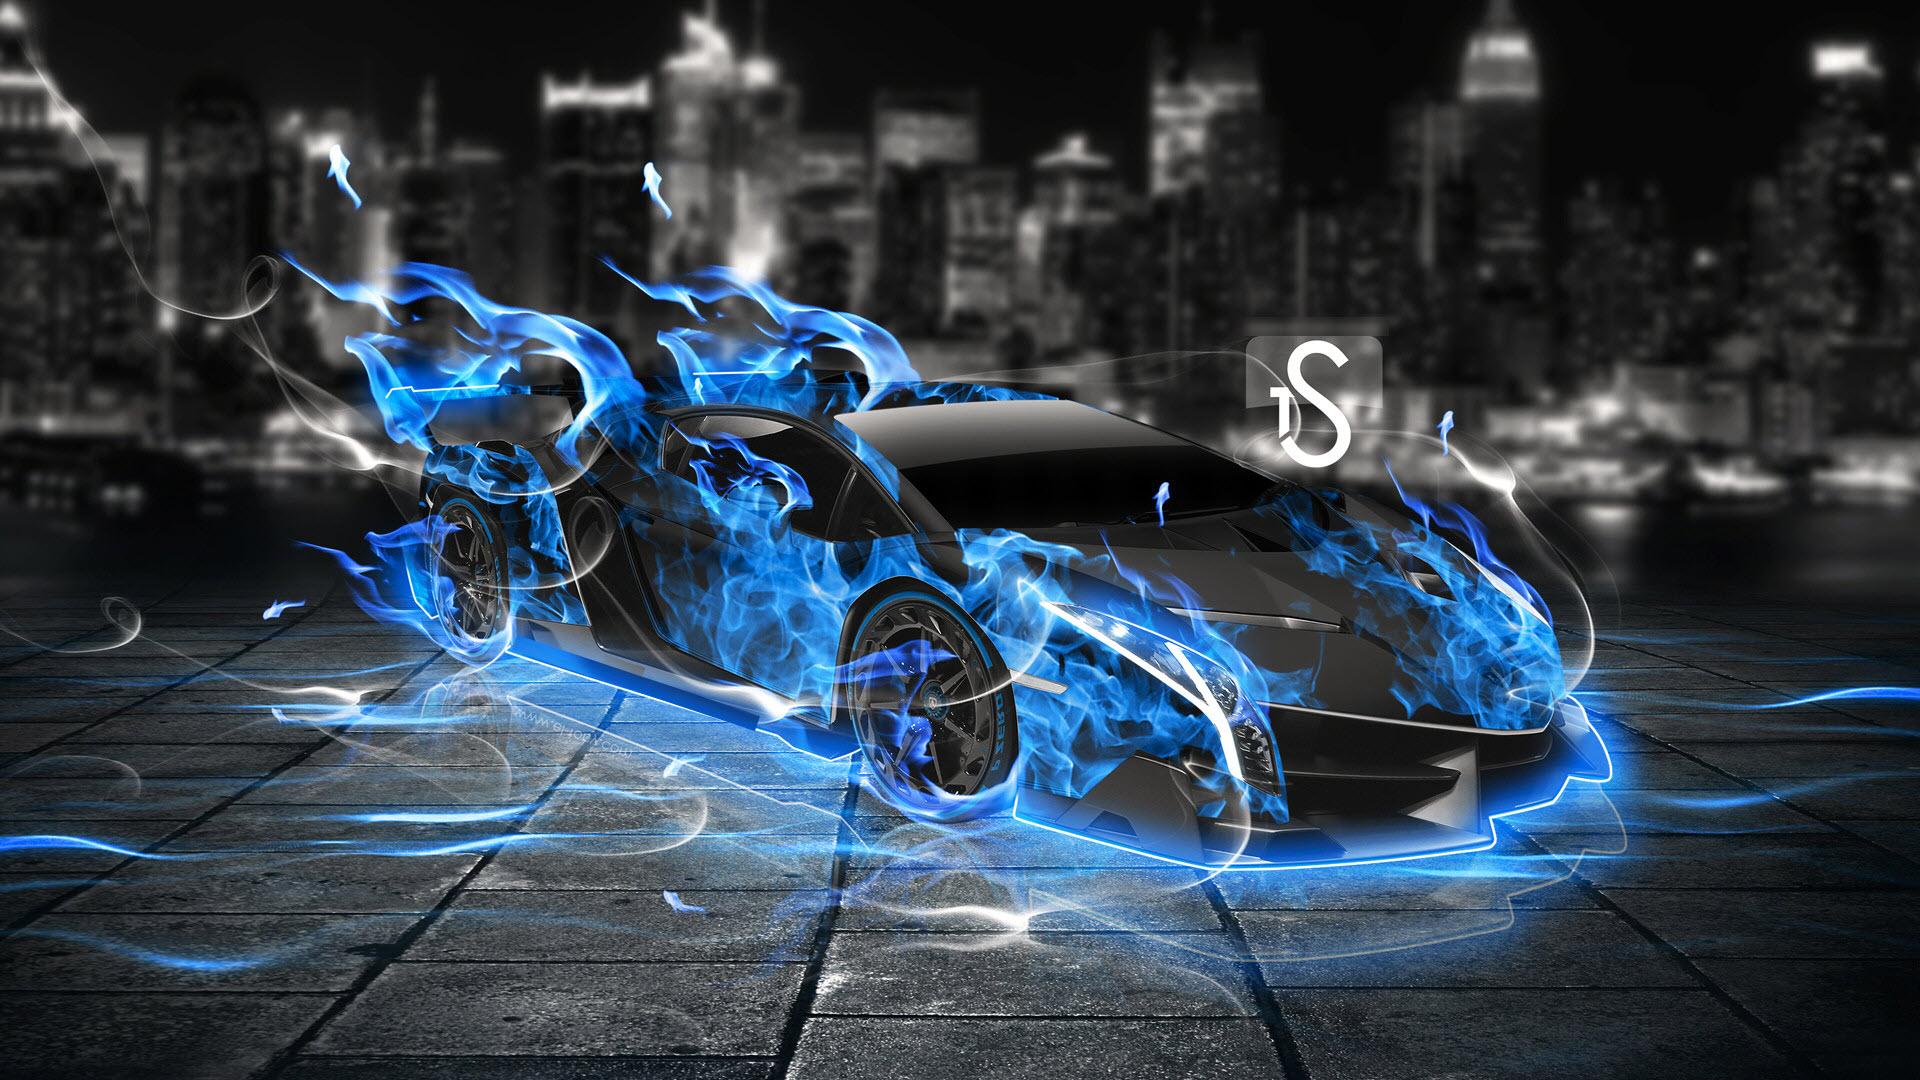 Hình nền siêu xe 3D cho máy tính